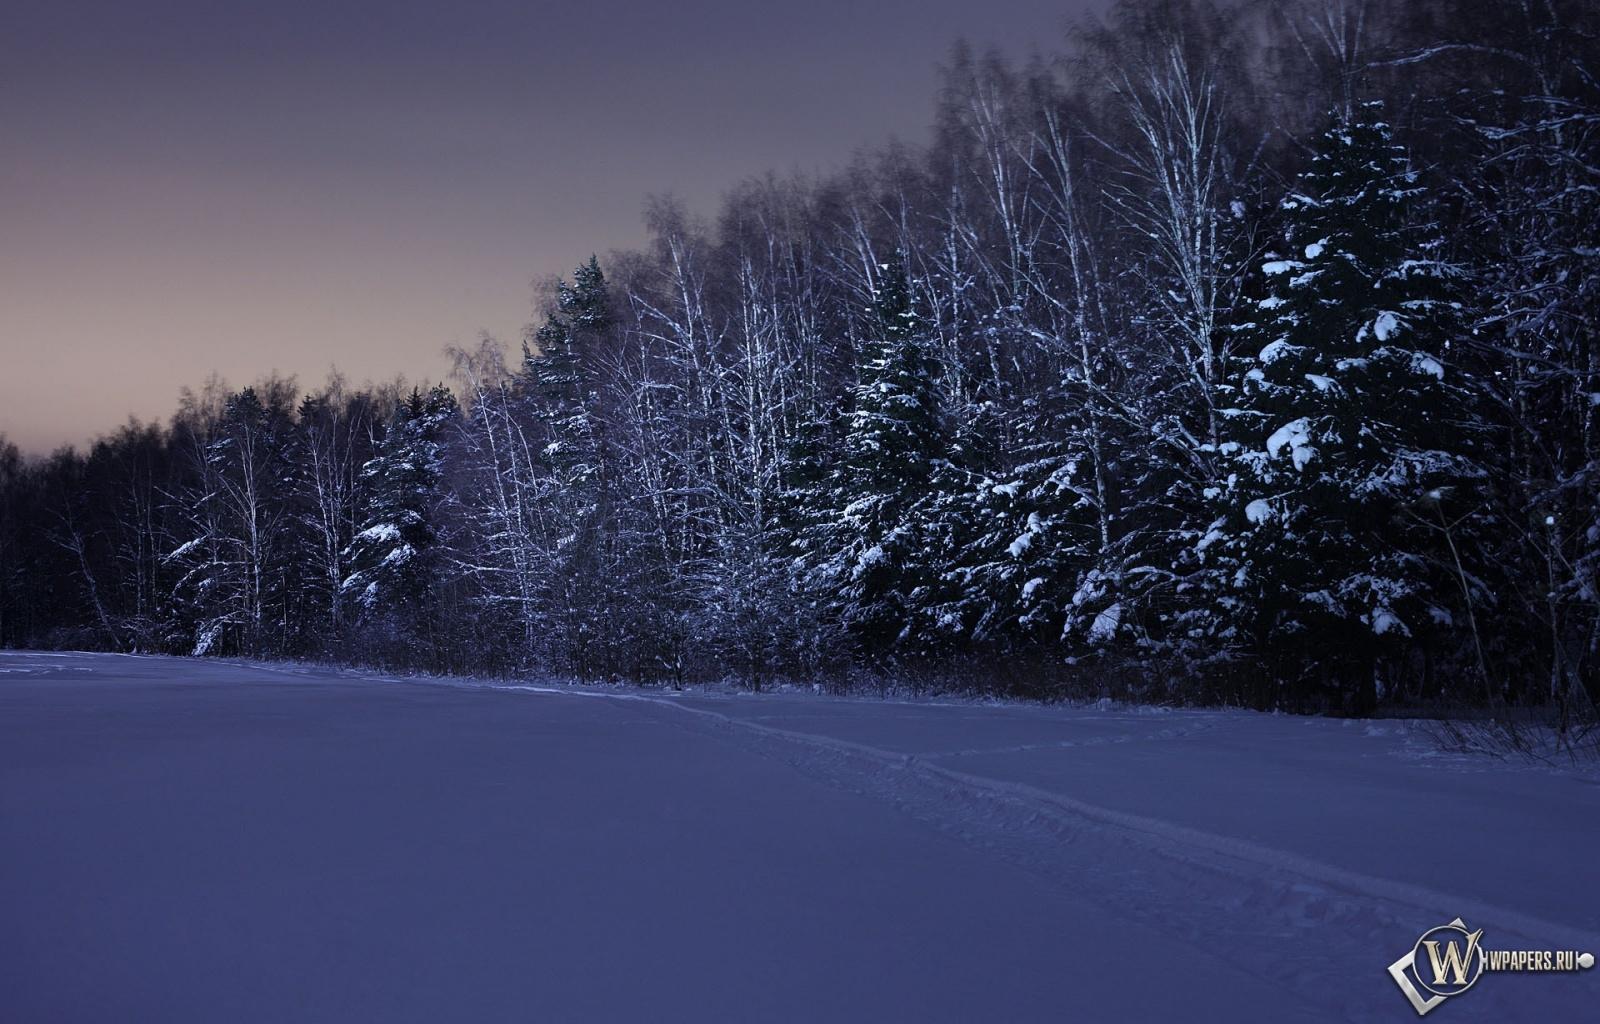 Ночь в зимнем лесу 1600x1024